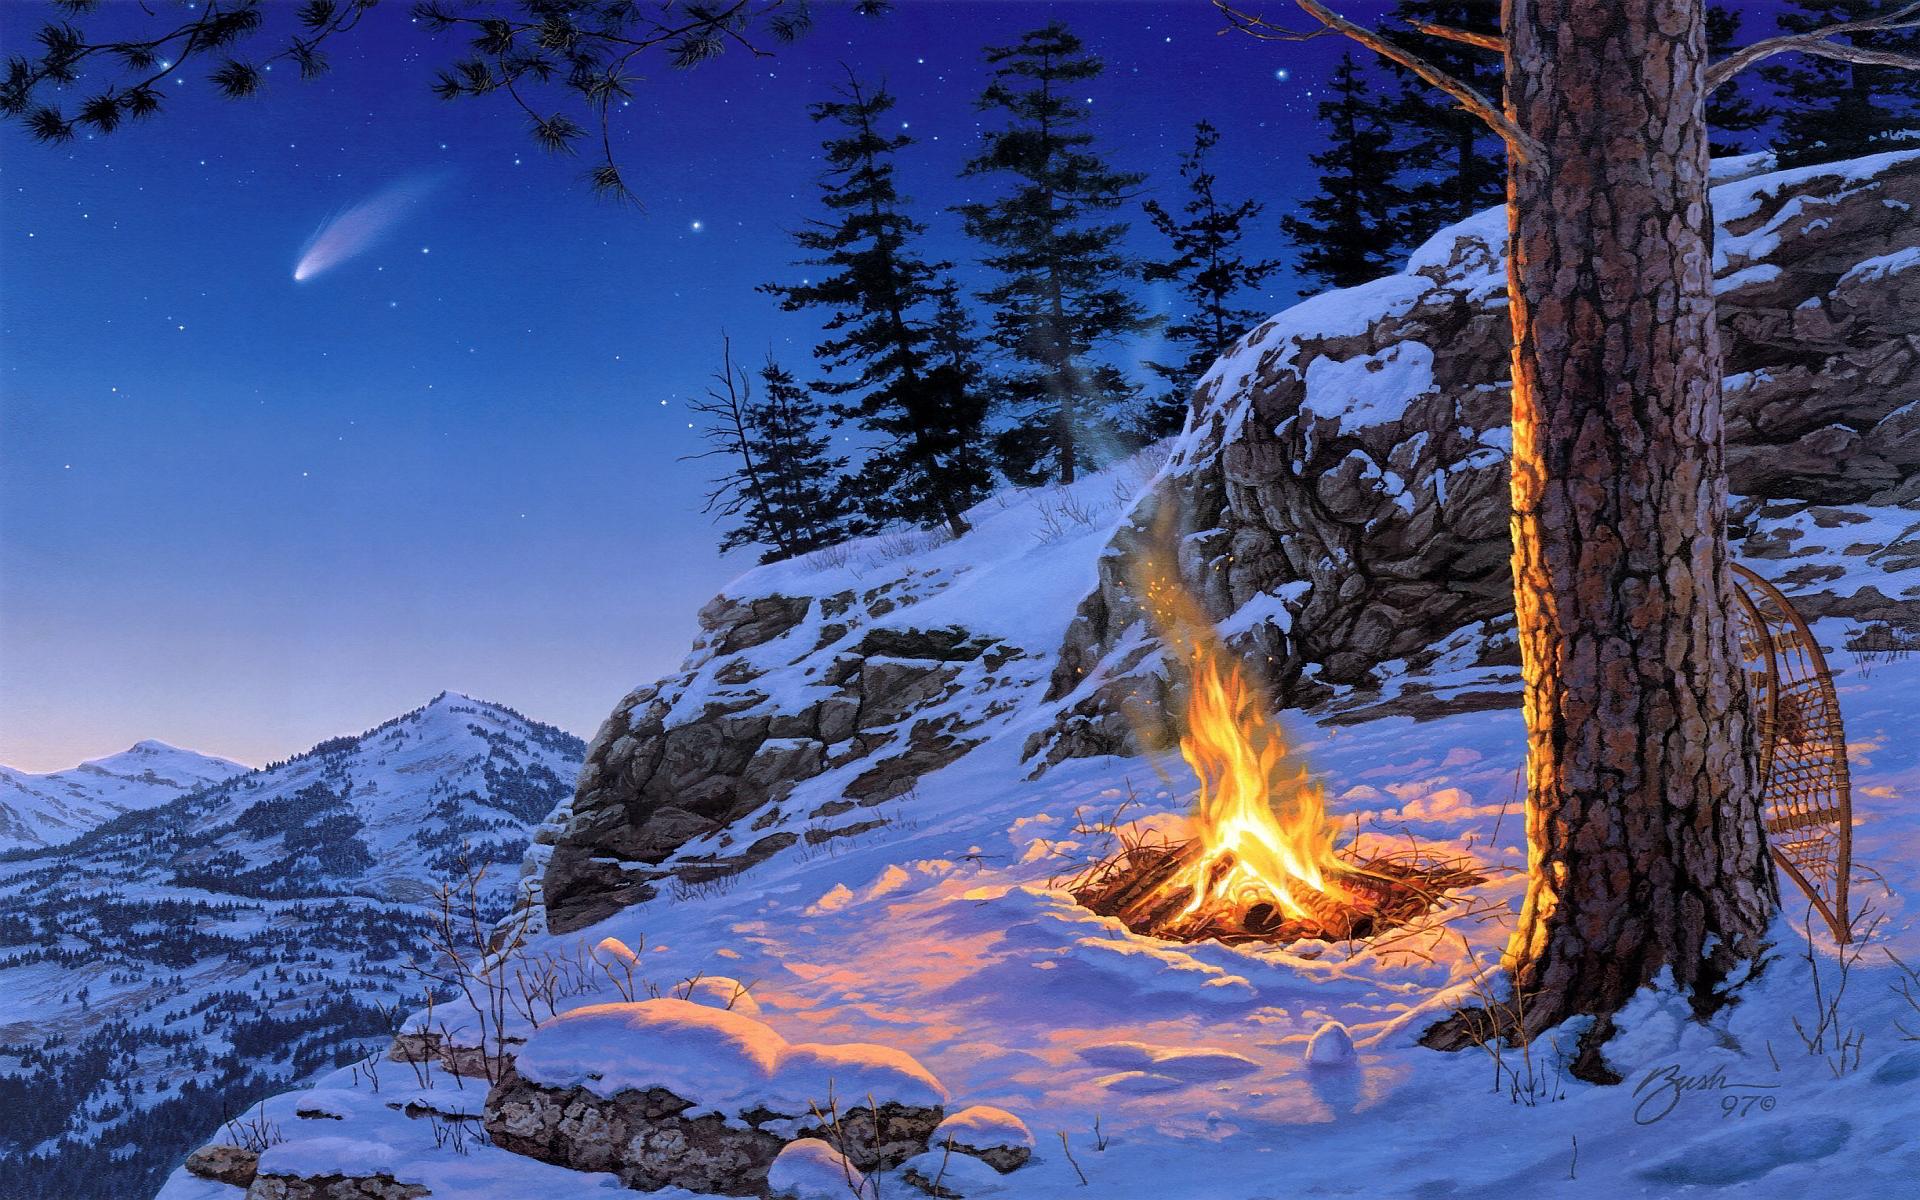 Winter campfire art